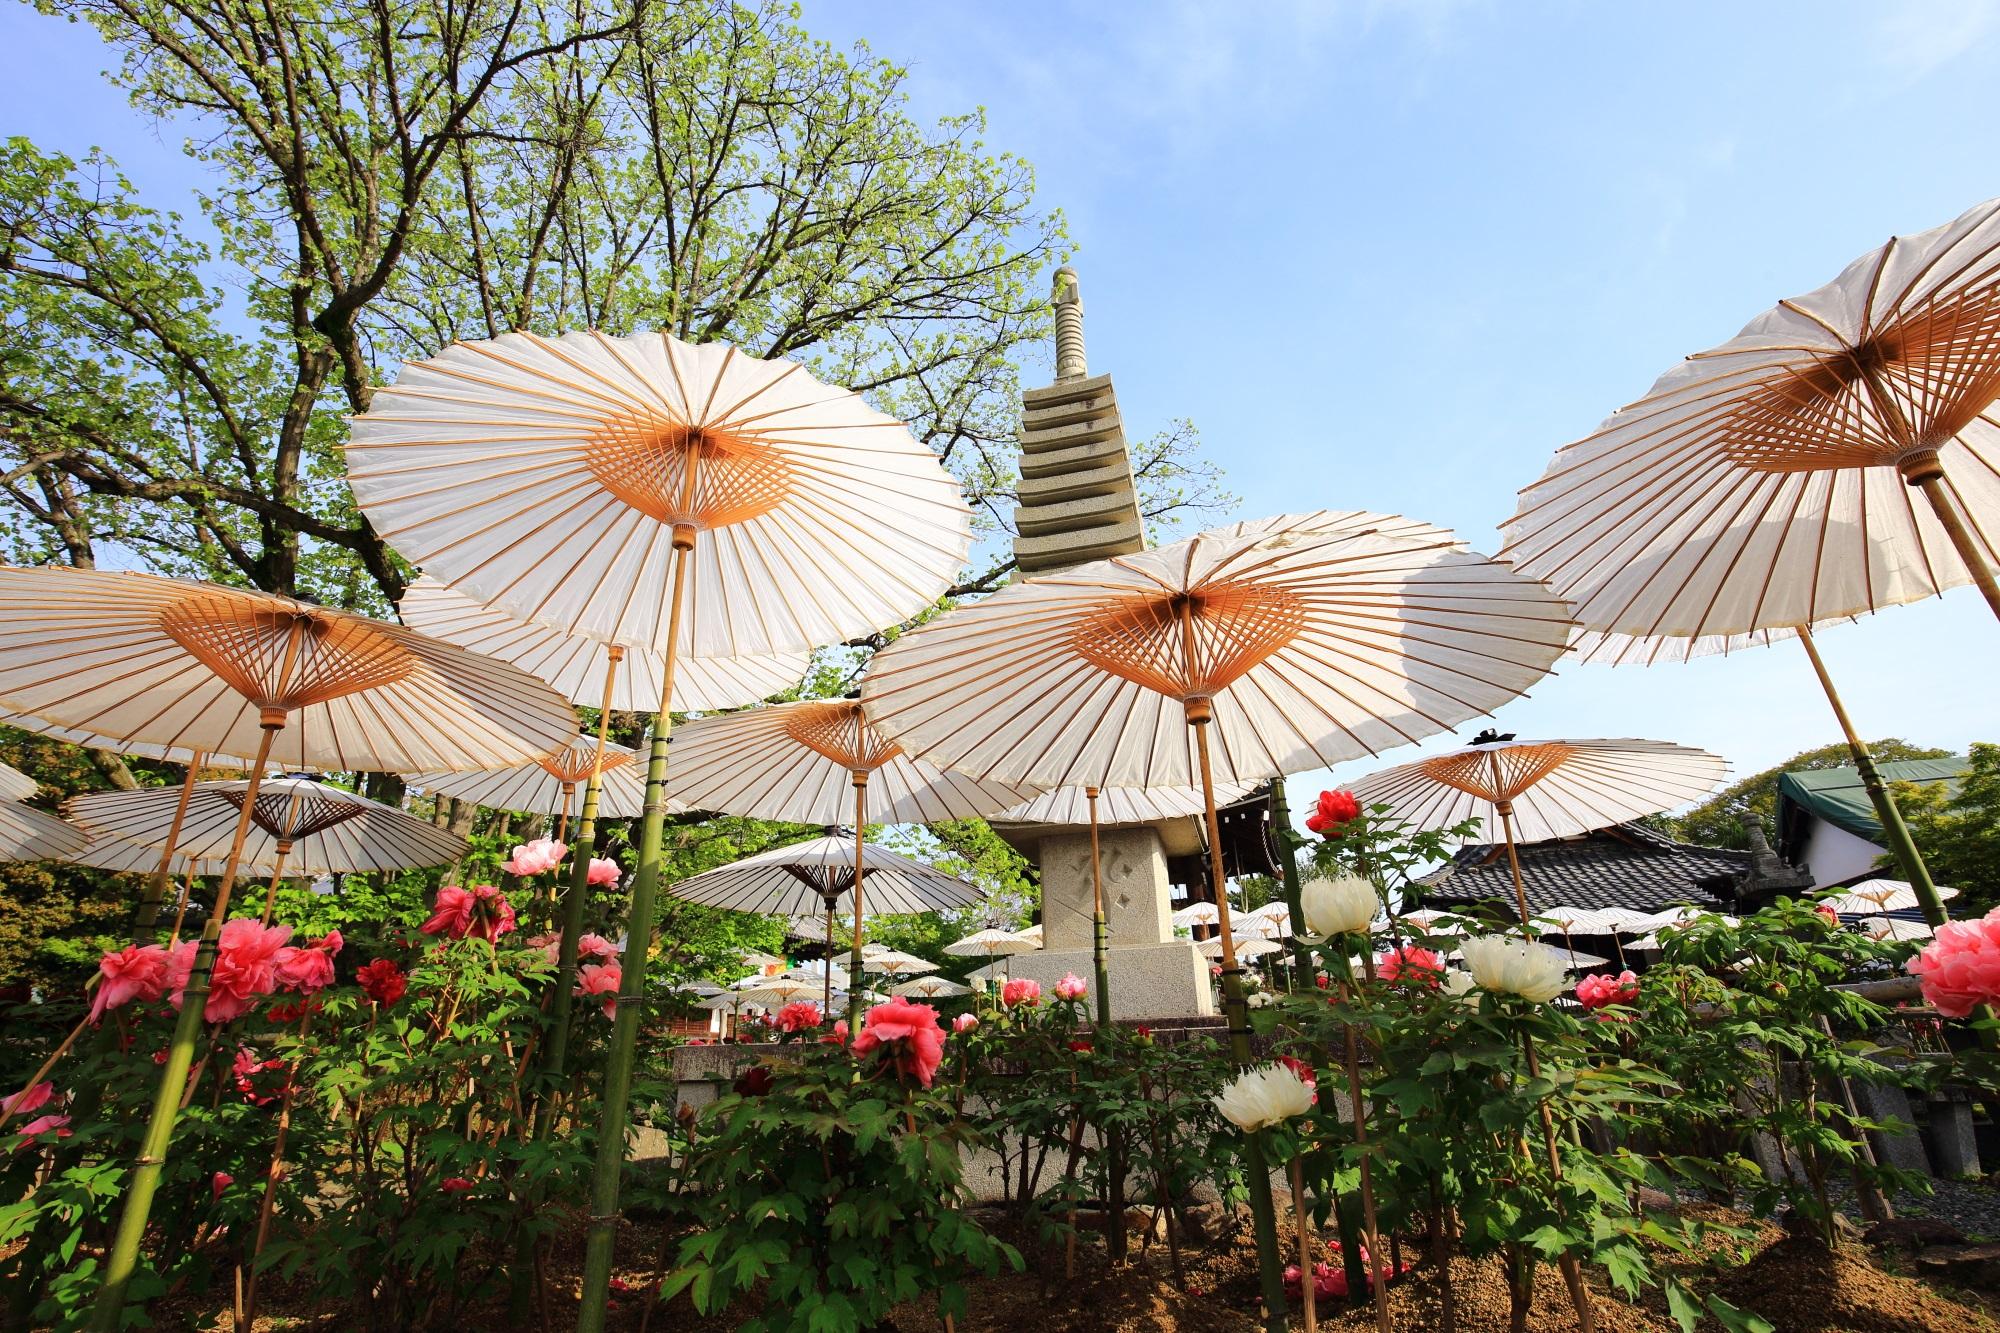 独特の情景を醸しだすたくさんの和傘